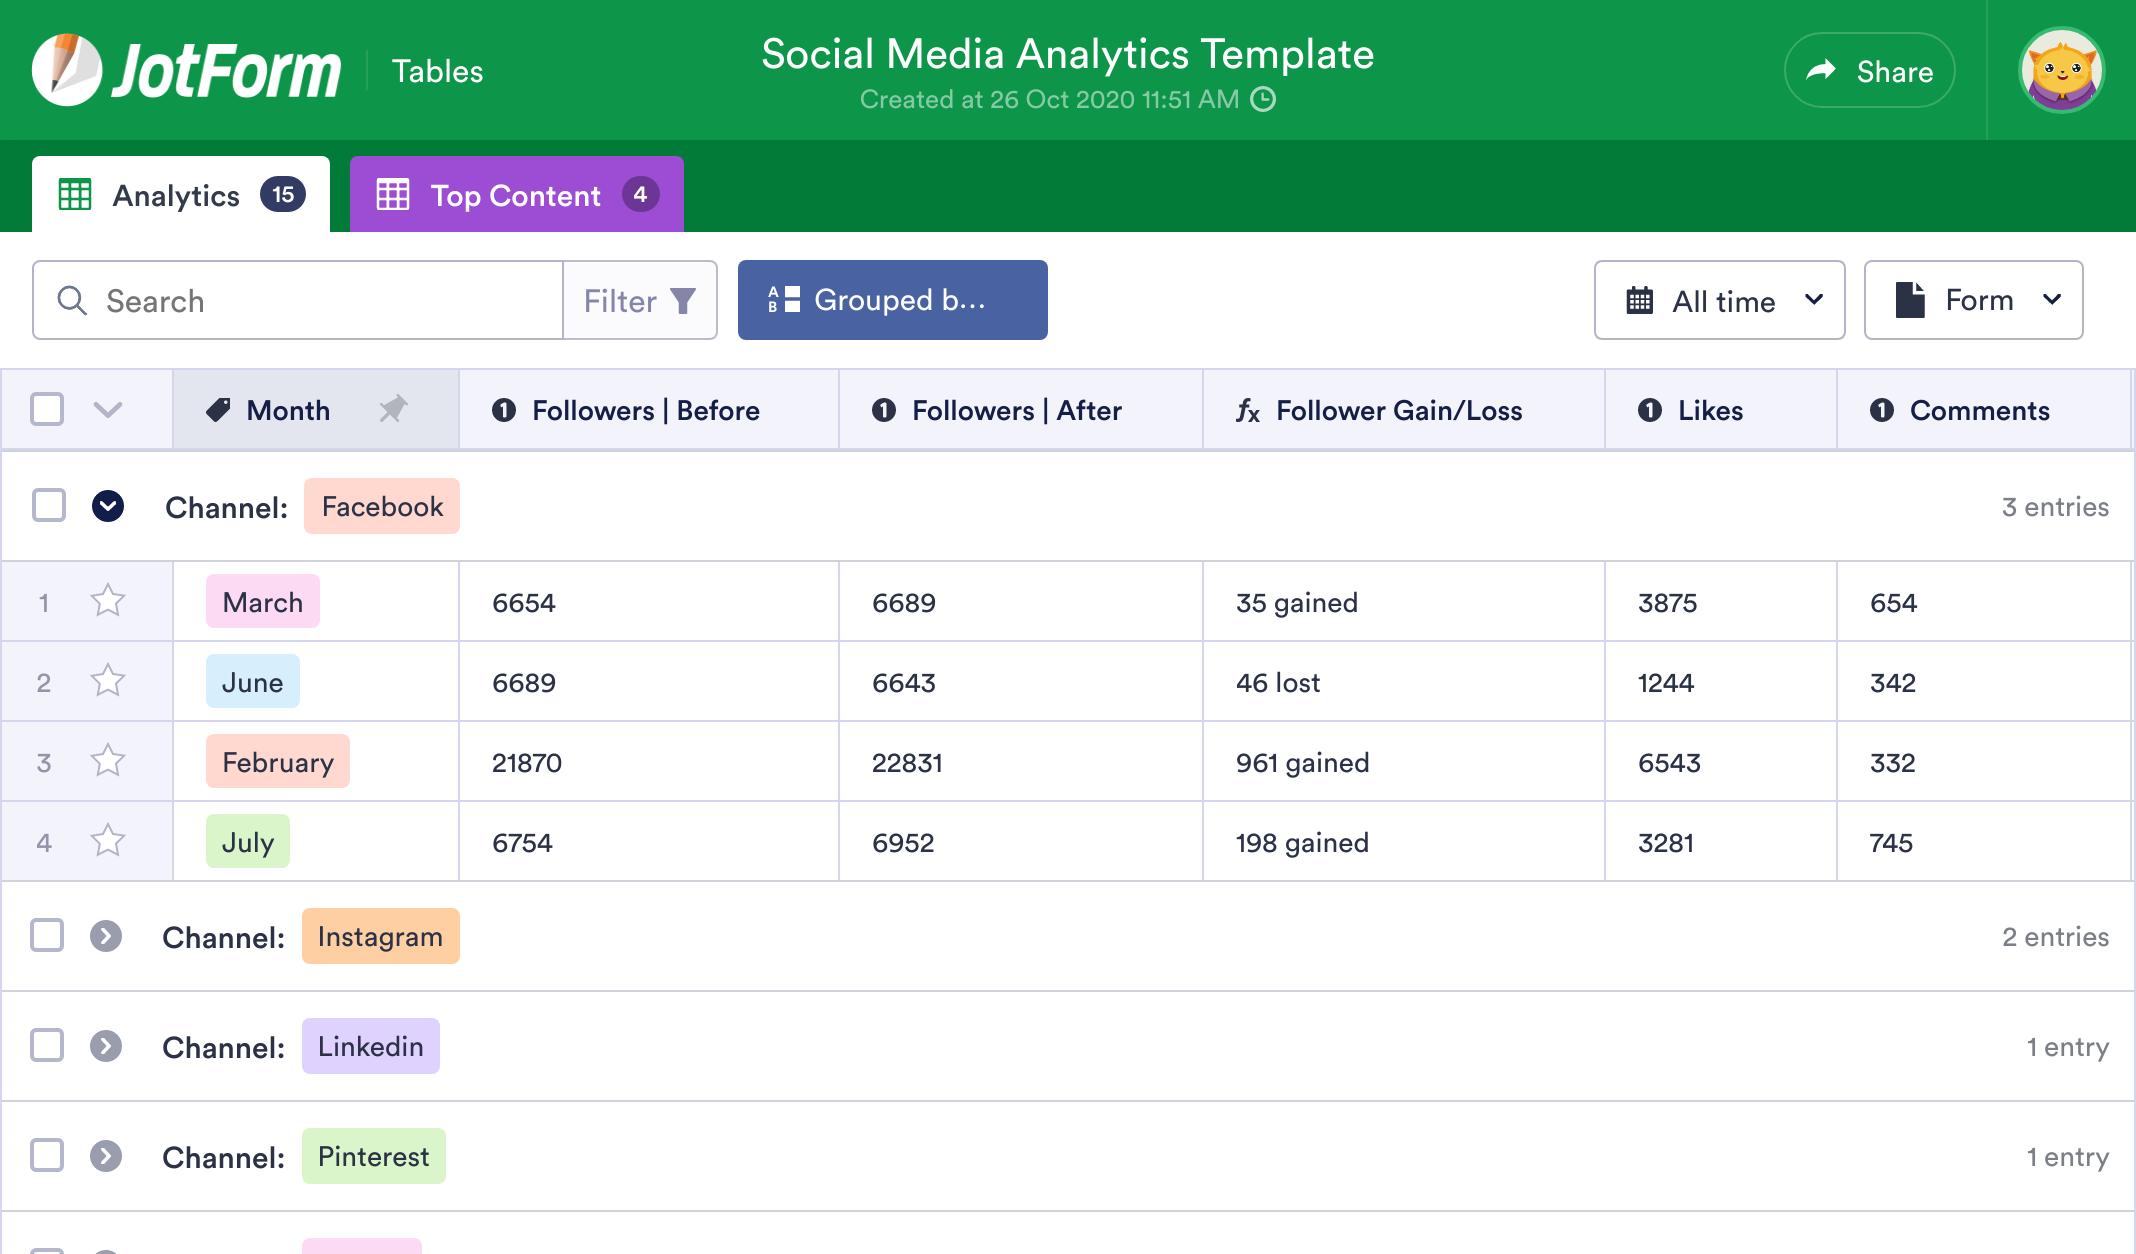 Social Media Analytics Template